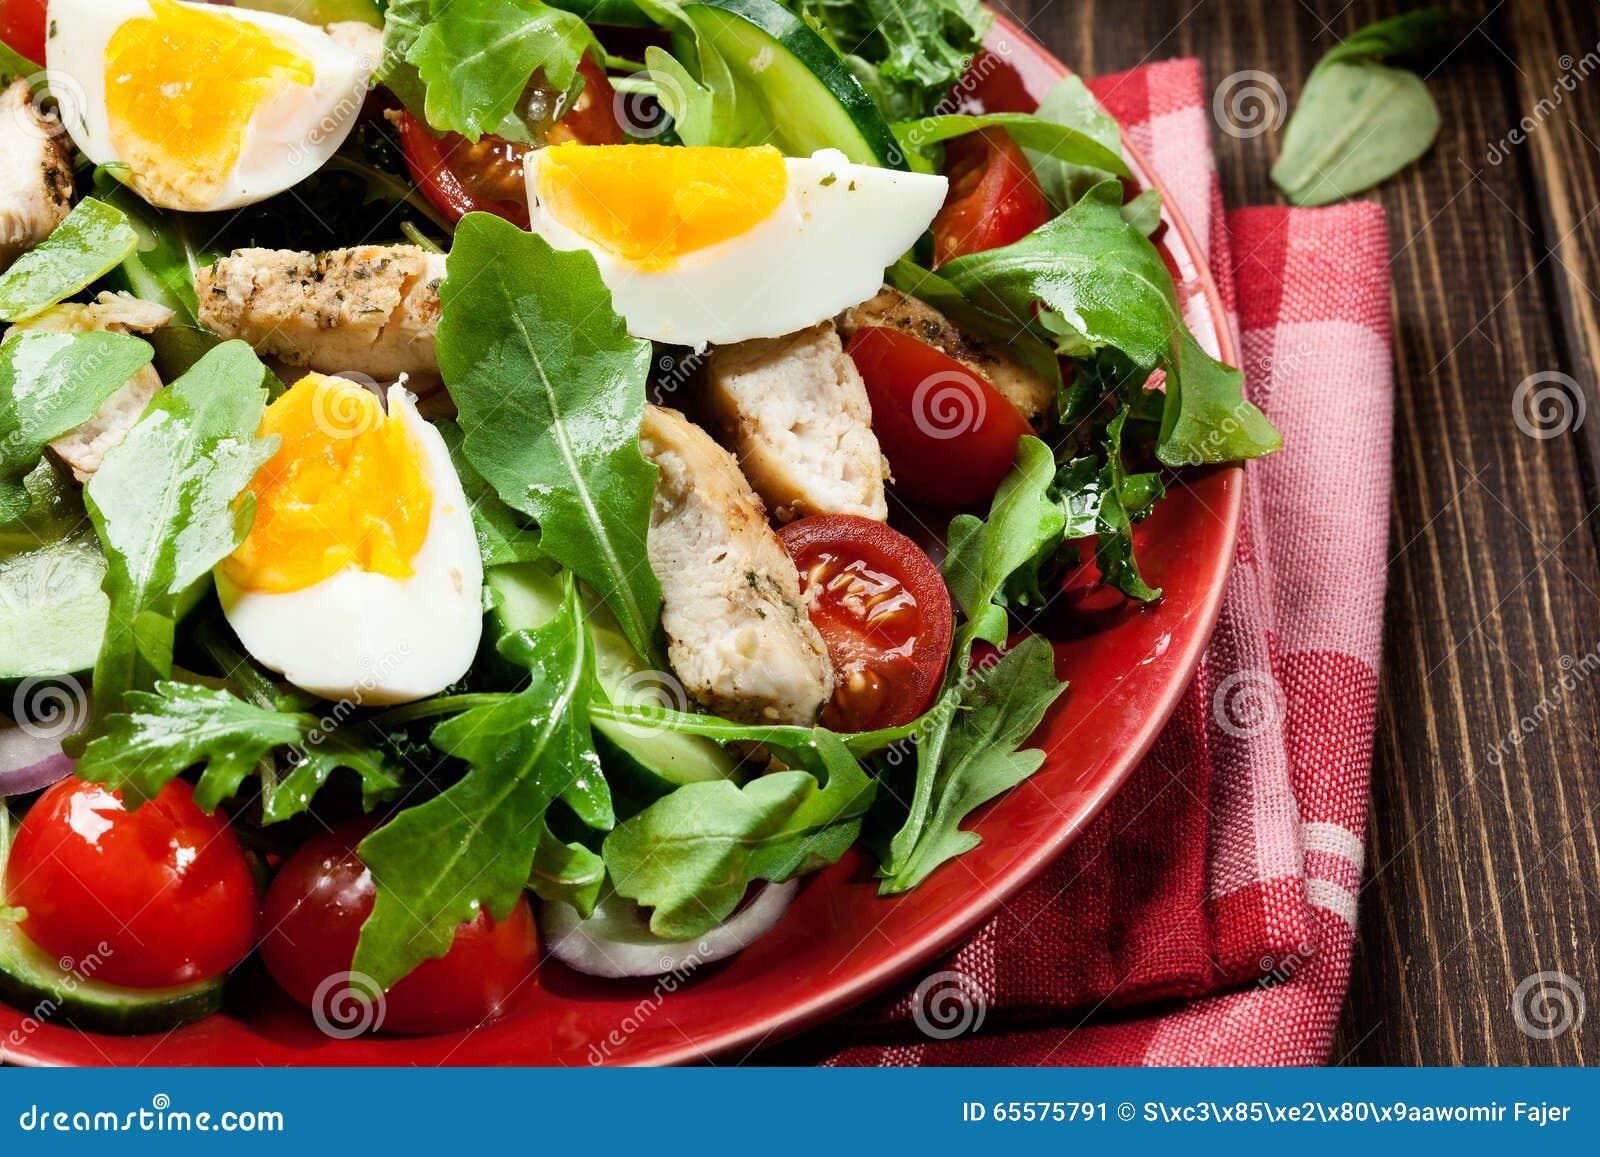 Salada fresca com galinha, tomates, ovos e rúcula na placa